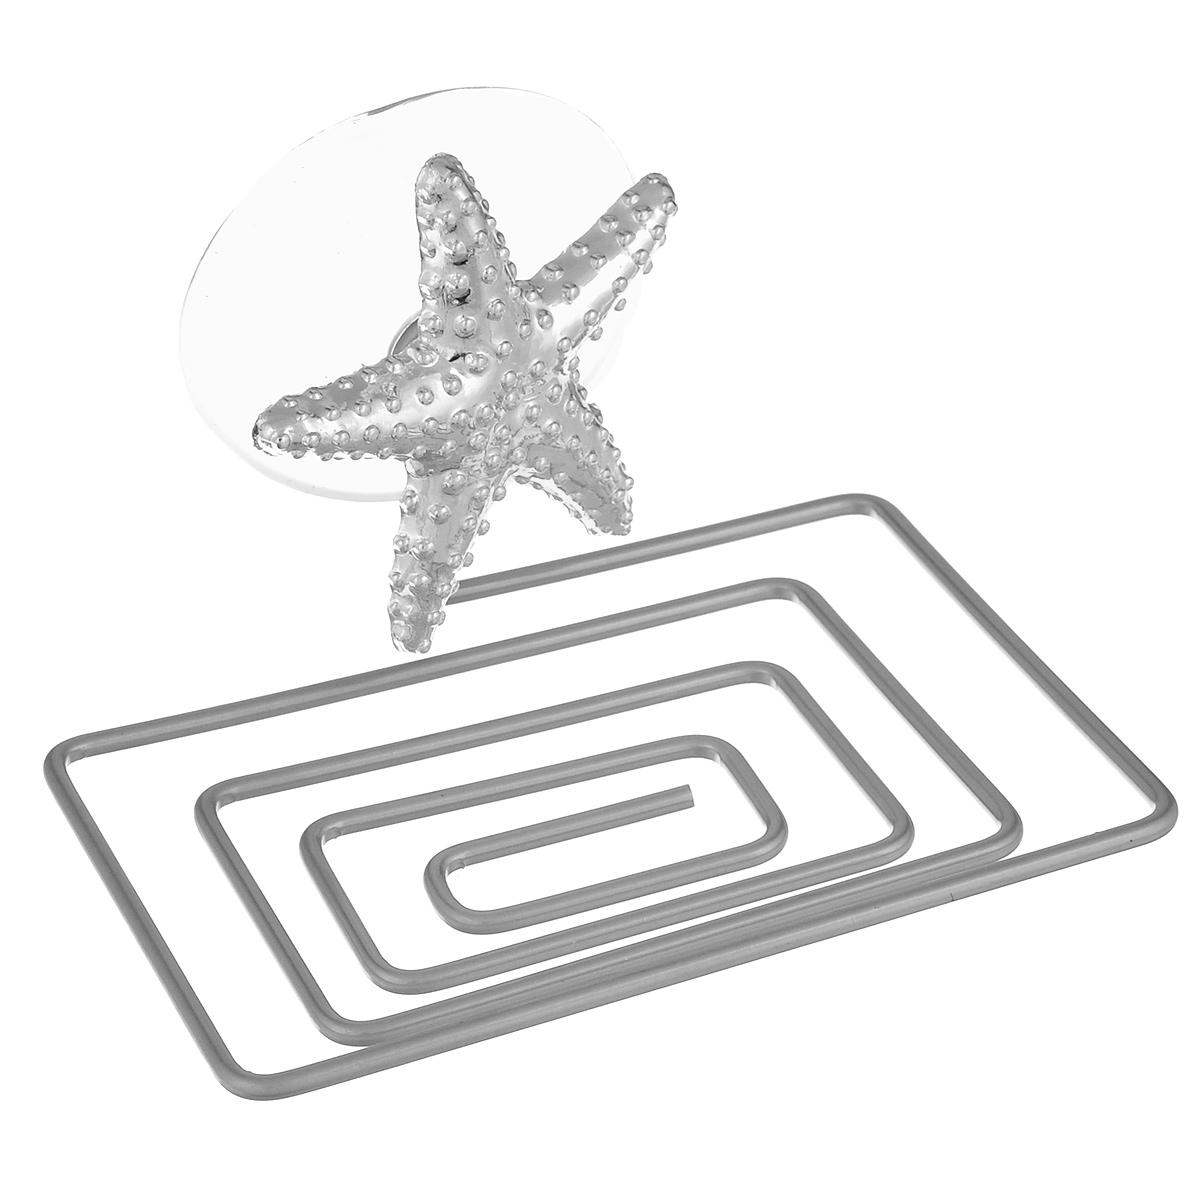 Мыльница Home Queen Морская звезда, 12 х 9 х 2 см56442_морская звездаМыльница Home Queen Морская звезда выполнена из хромированной стали и украшена пластиковой фигуркой. Крепится к стене при помощи присоски. Такая мыльница прекрасно подойдет для ванной комнаты или кухни.